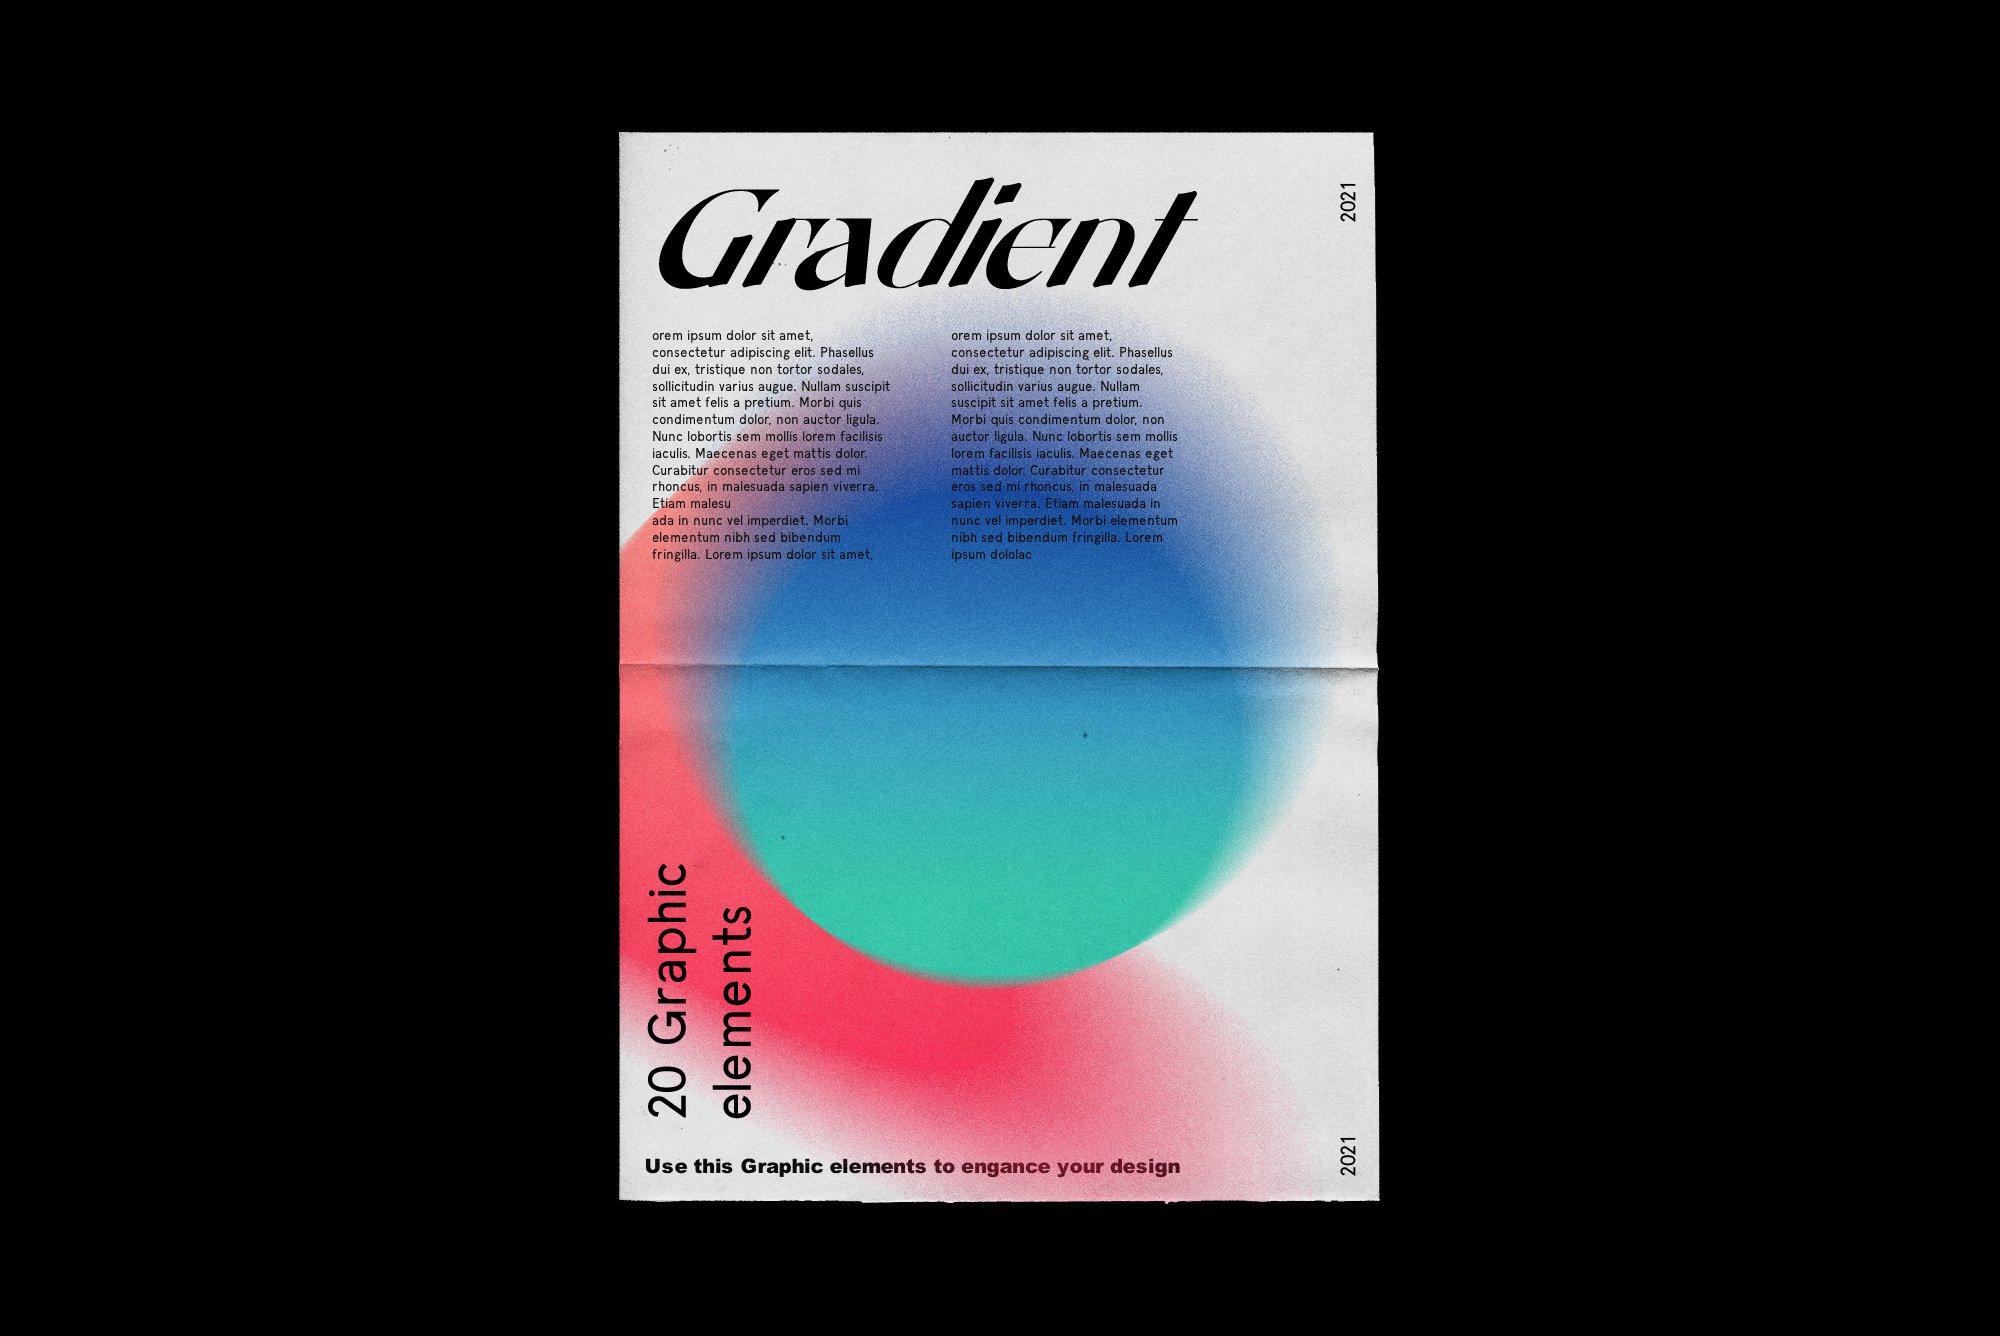 [单独购买] 潮流复古炫彩颗粒噪点模糊渐变背景纹理图形设计素材 Gradient Color Grainy Textures插图5